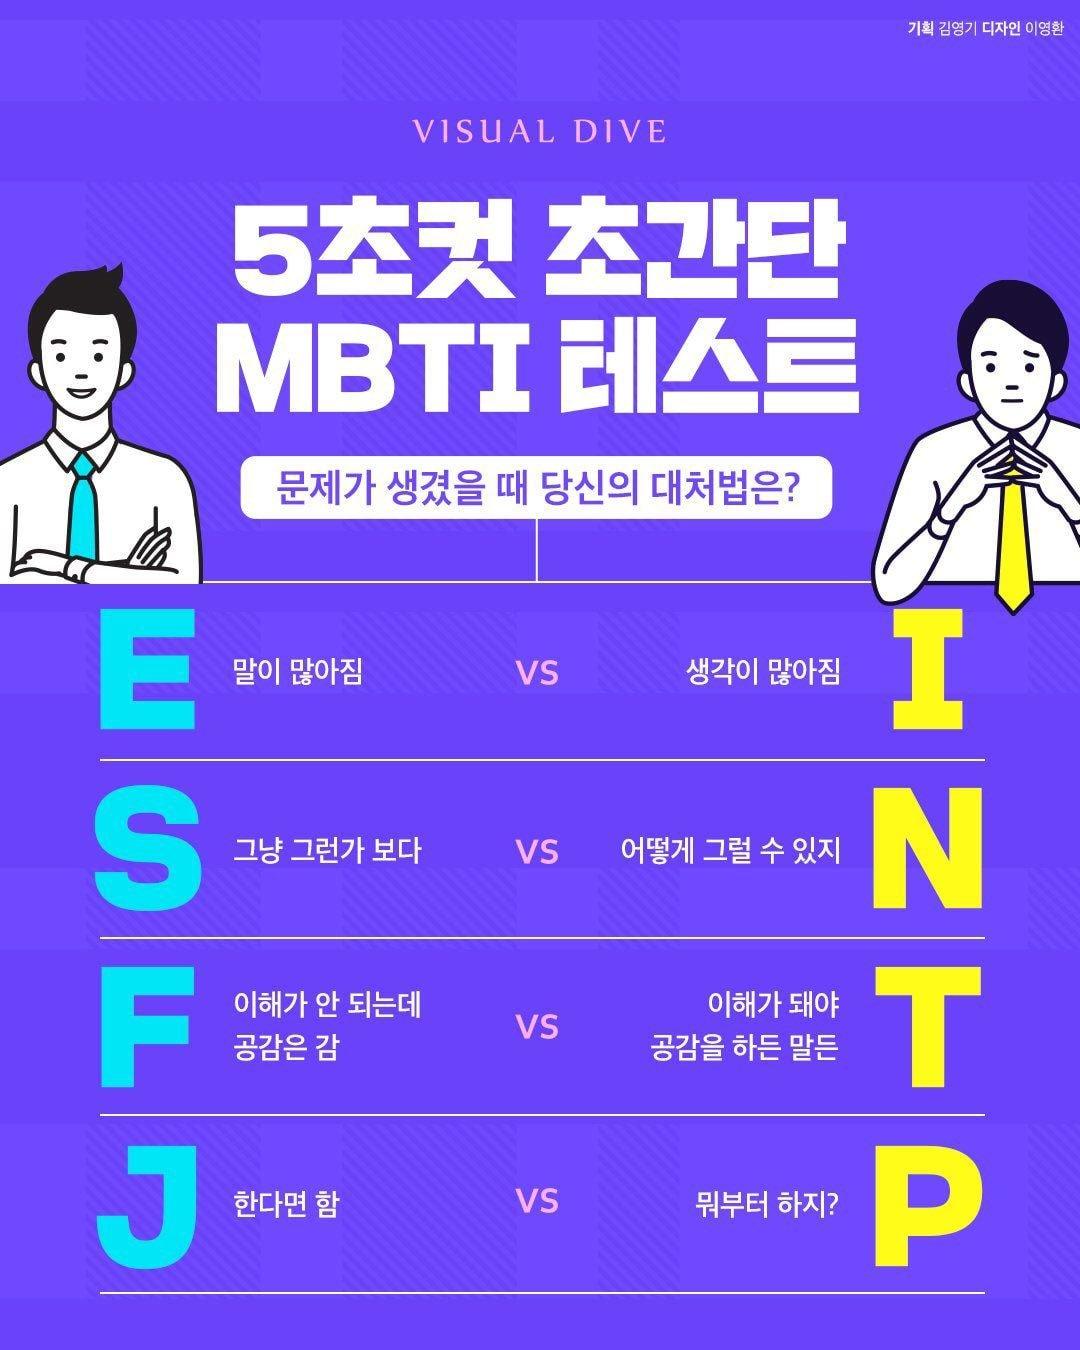 5초컷 초간단 MBTI 테스트 | 인스티즈